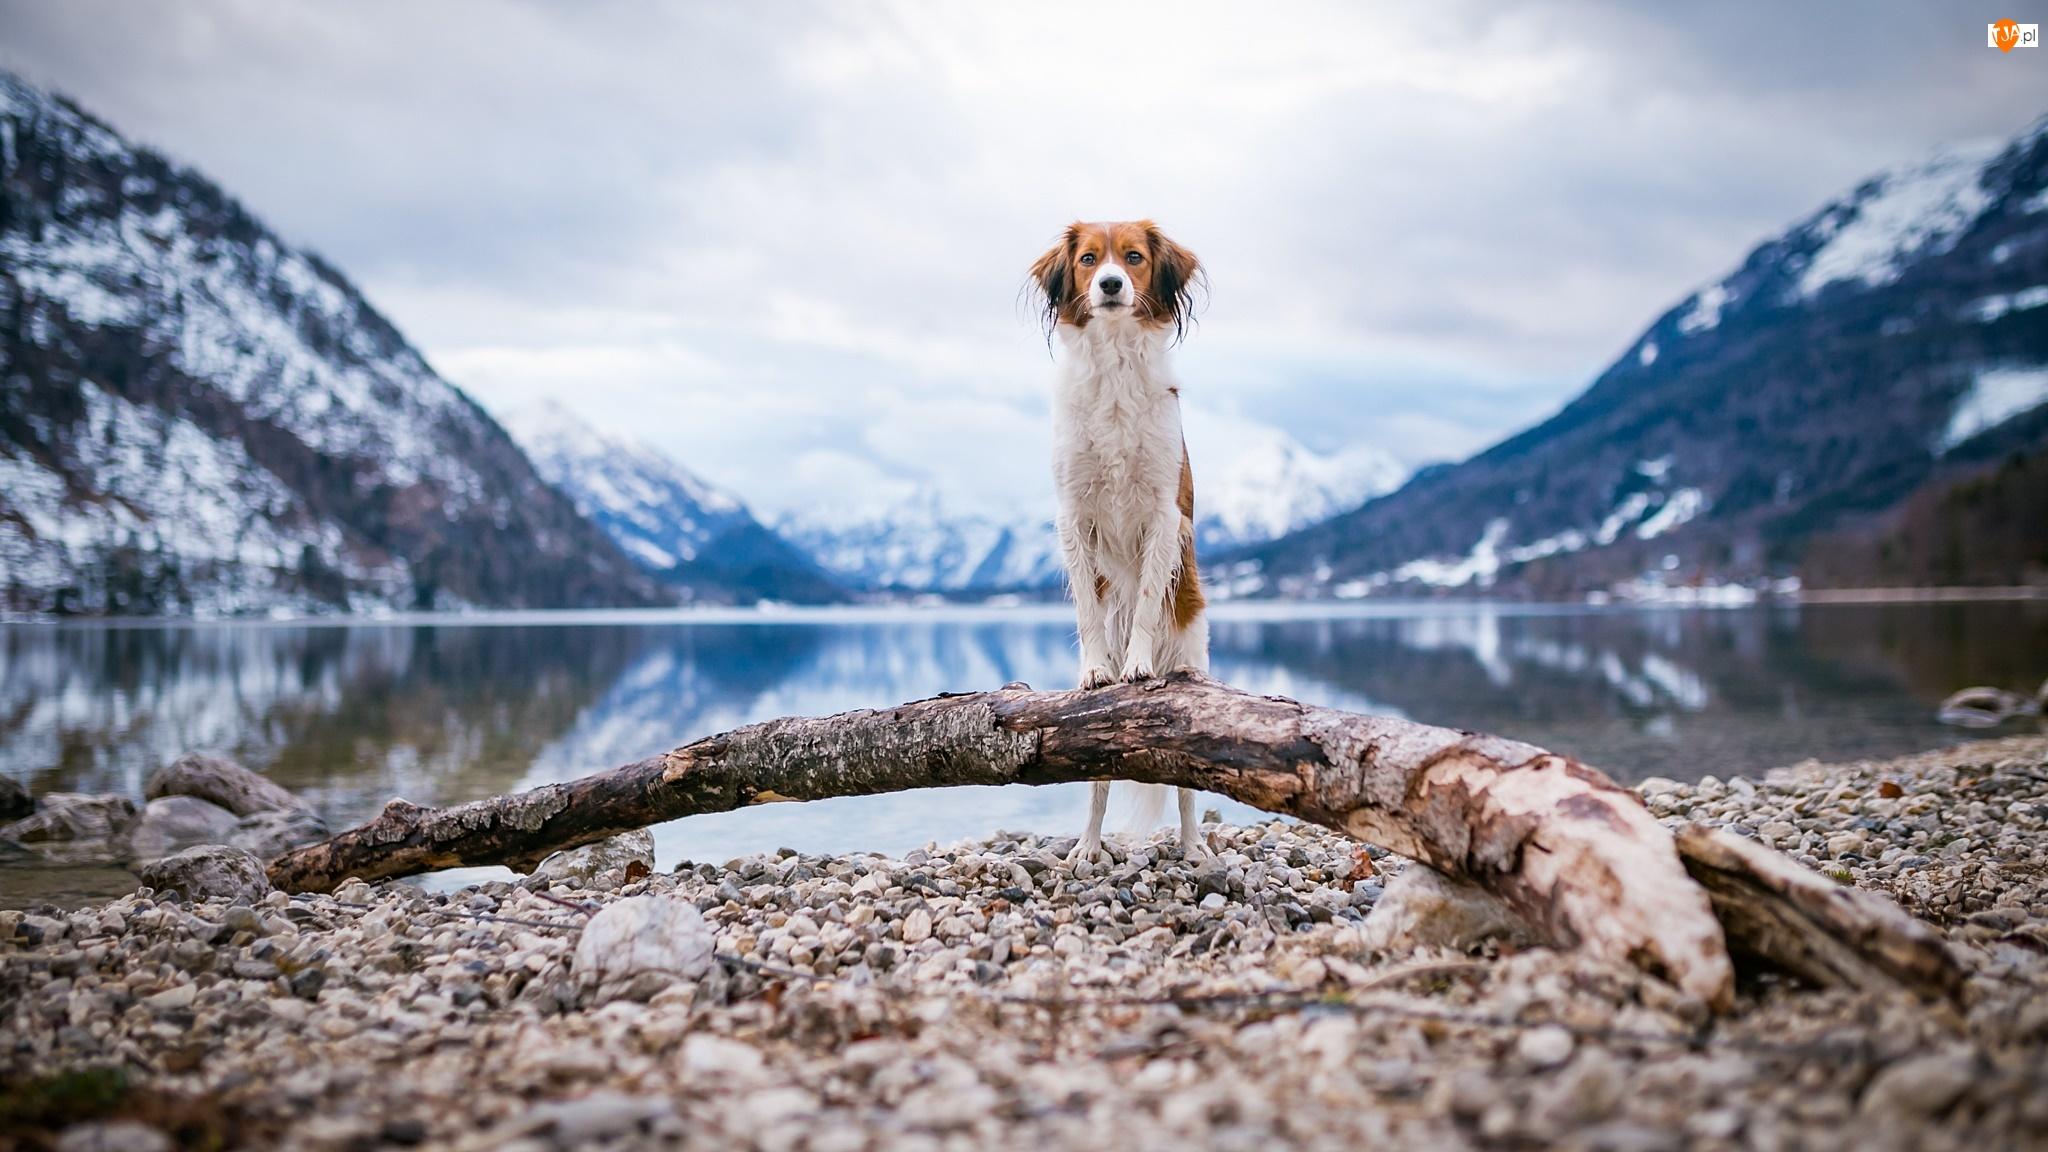 Płochacz holenderski, Kooikerhondje, Góry, Pies, Woda, Kłoda, Kamienie